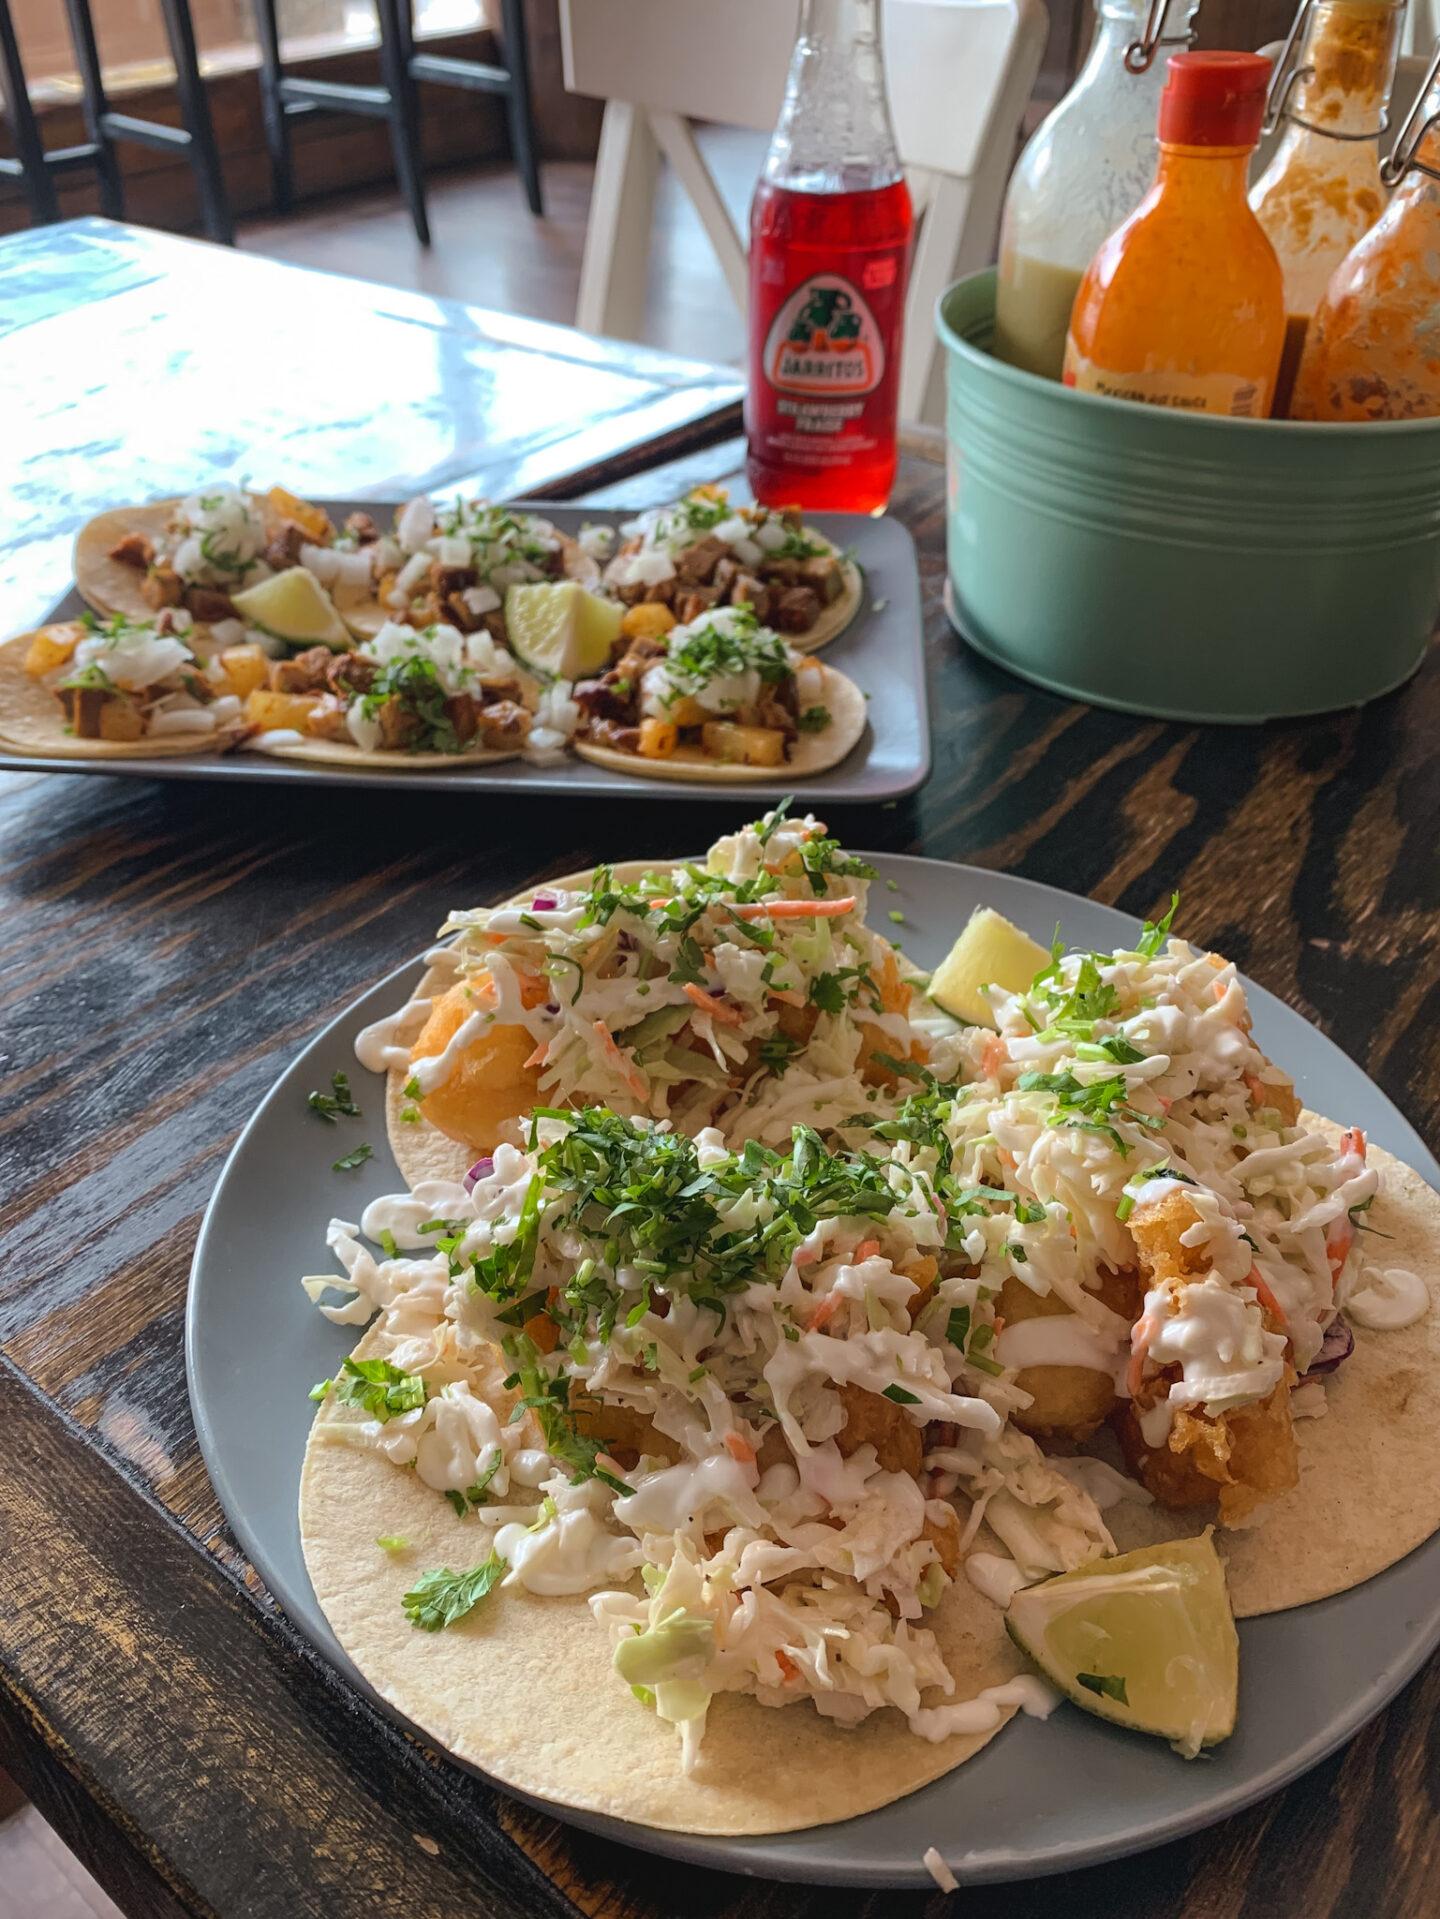 Tacos from Rojo Marrón Mexican restaurant in Hinton, Alberta